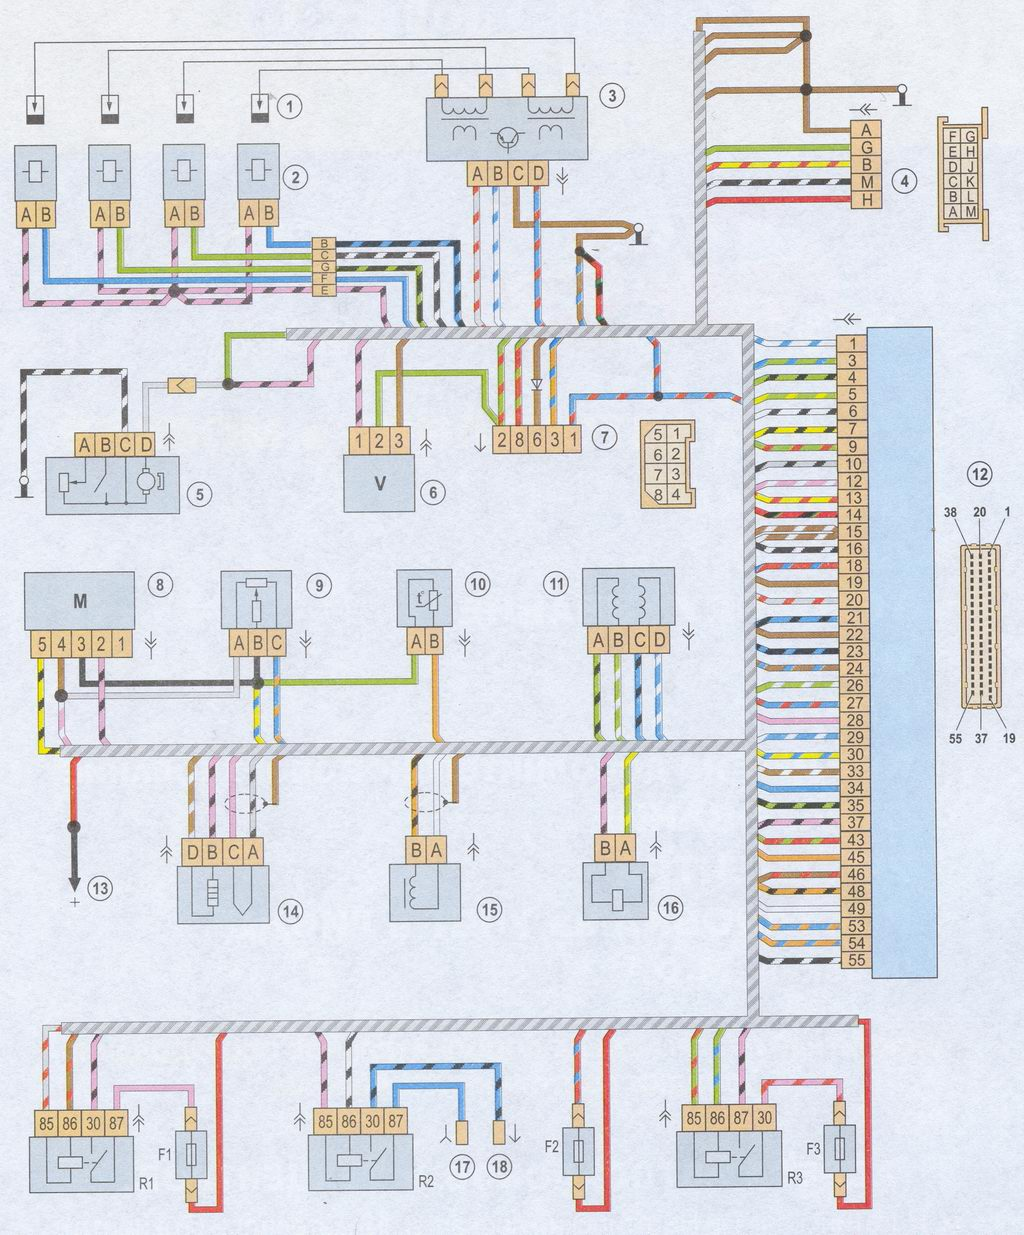 Сигнальные провода, сформированные в общий жгут, идущий от датчиков, бортовой сети.